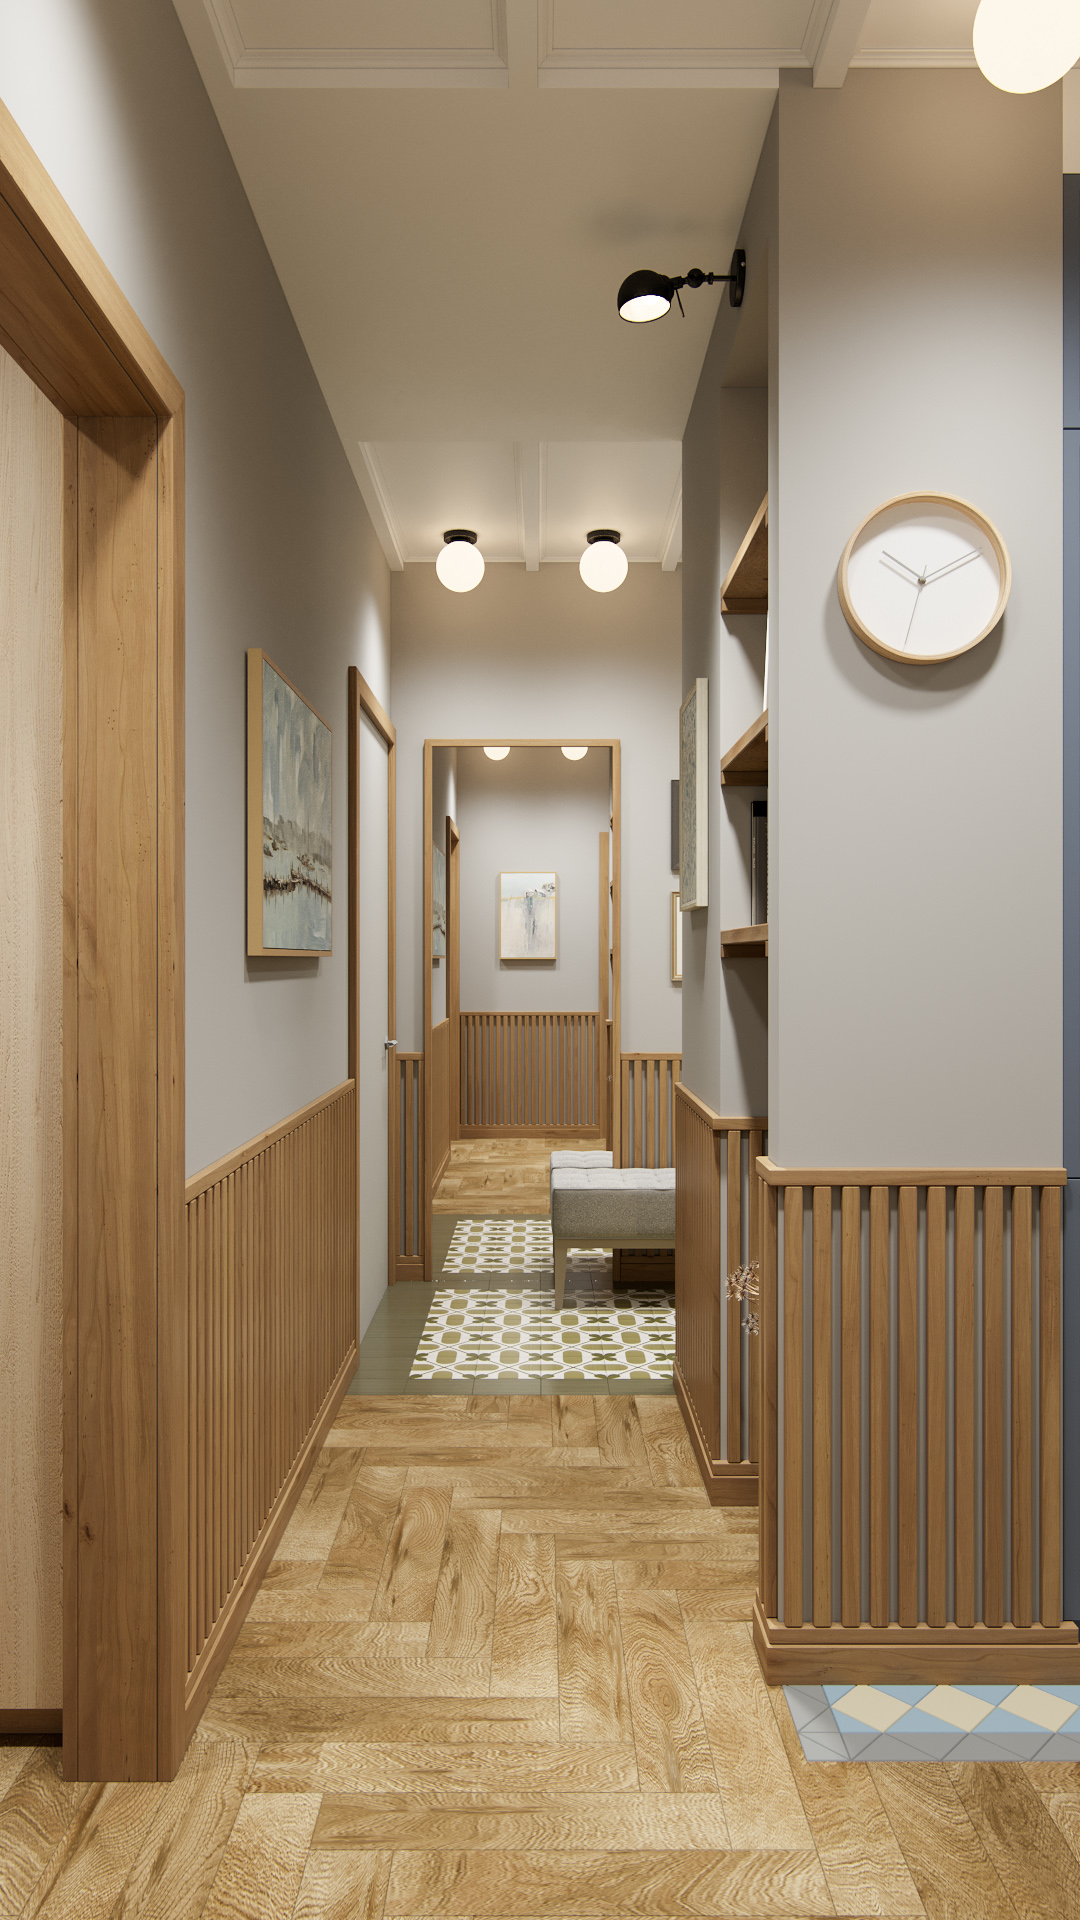 фото:В каждом дизайн проекте я придумываю что-то новое. В этом проекте, в нижней части стены входной группы, мы реализовали реечный деревянный декор, который сочетается с обрамлением скрытых межкомнатных полотен, образуя продуманную и завершенную композицию. Это решение помогает защитить стены от механических повреждений и придает пространству уют